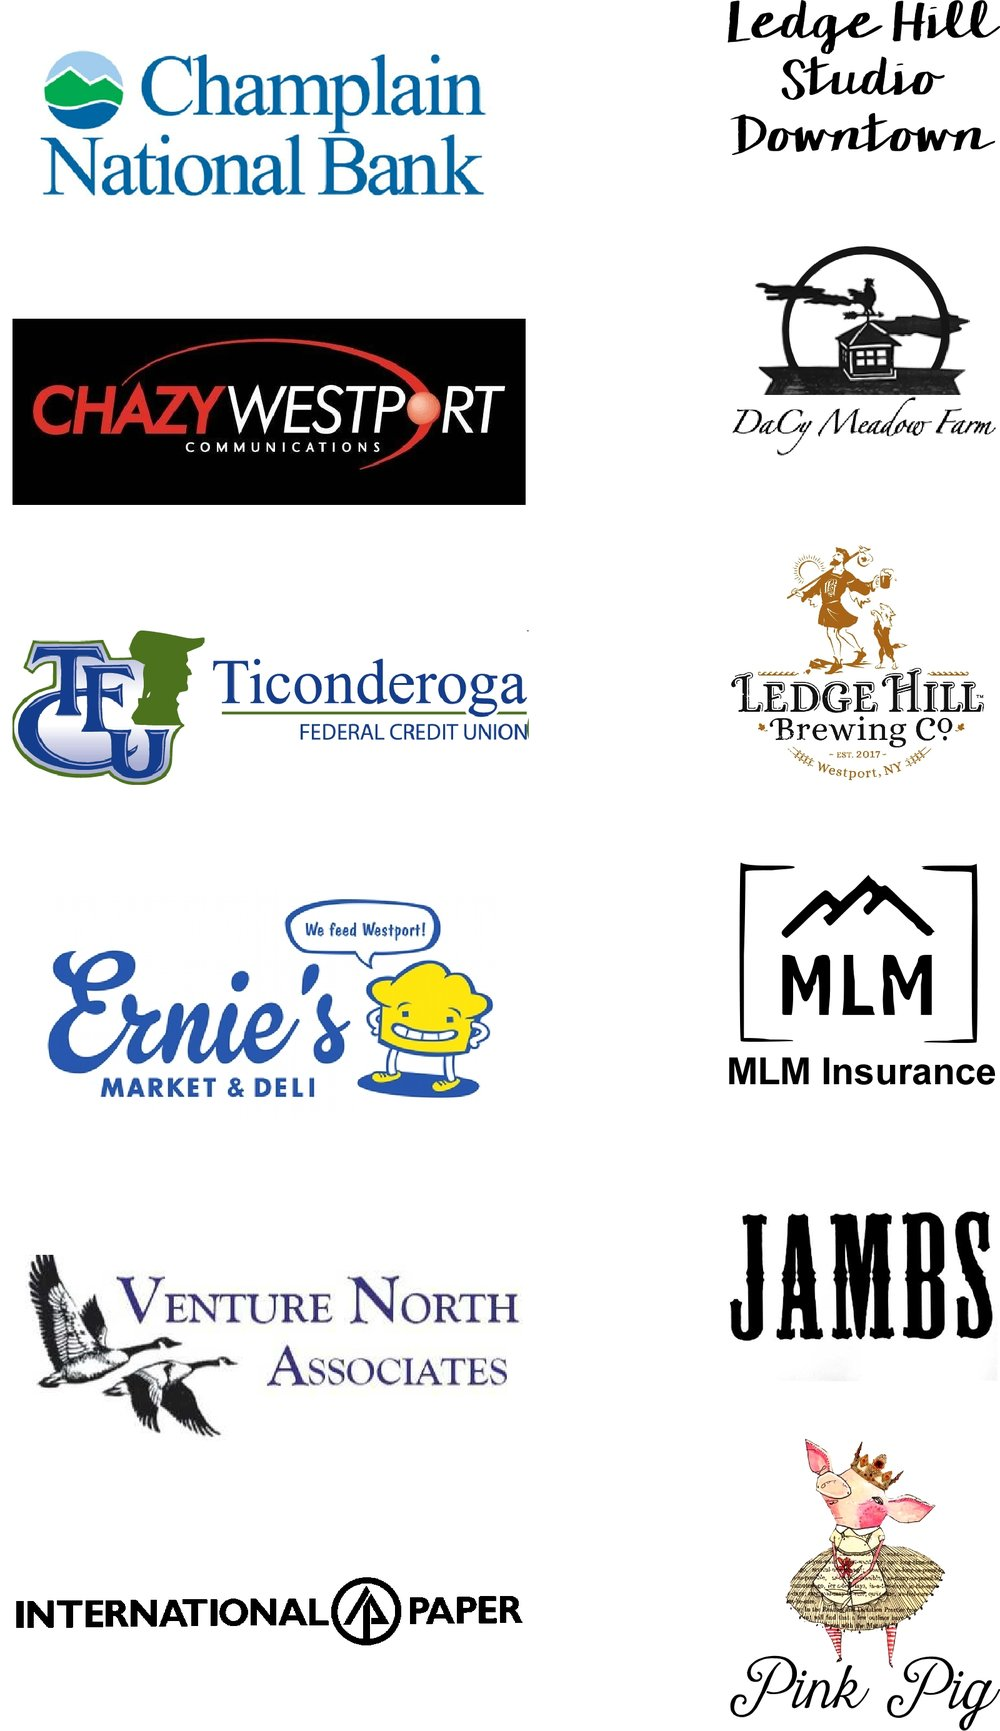 sponsors logos.jpg